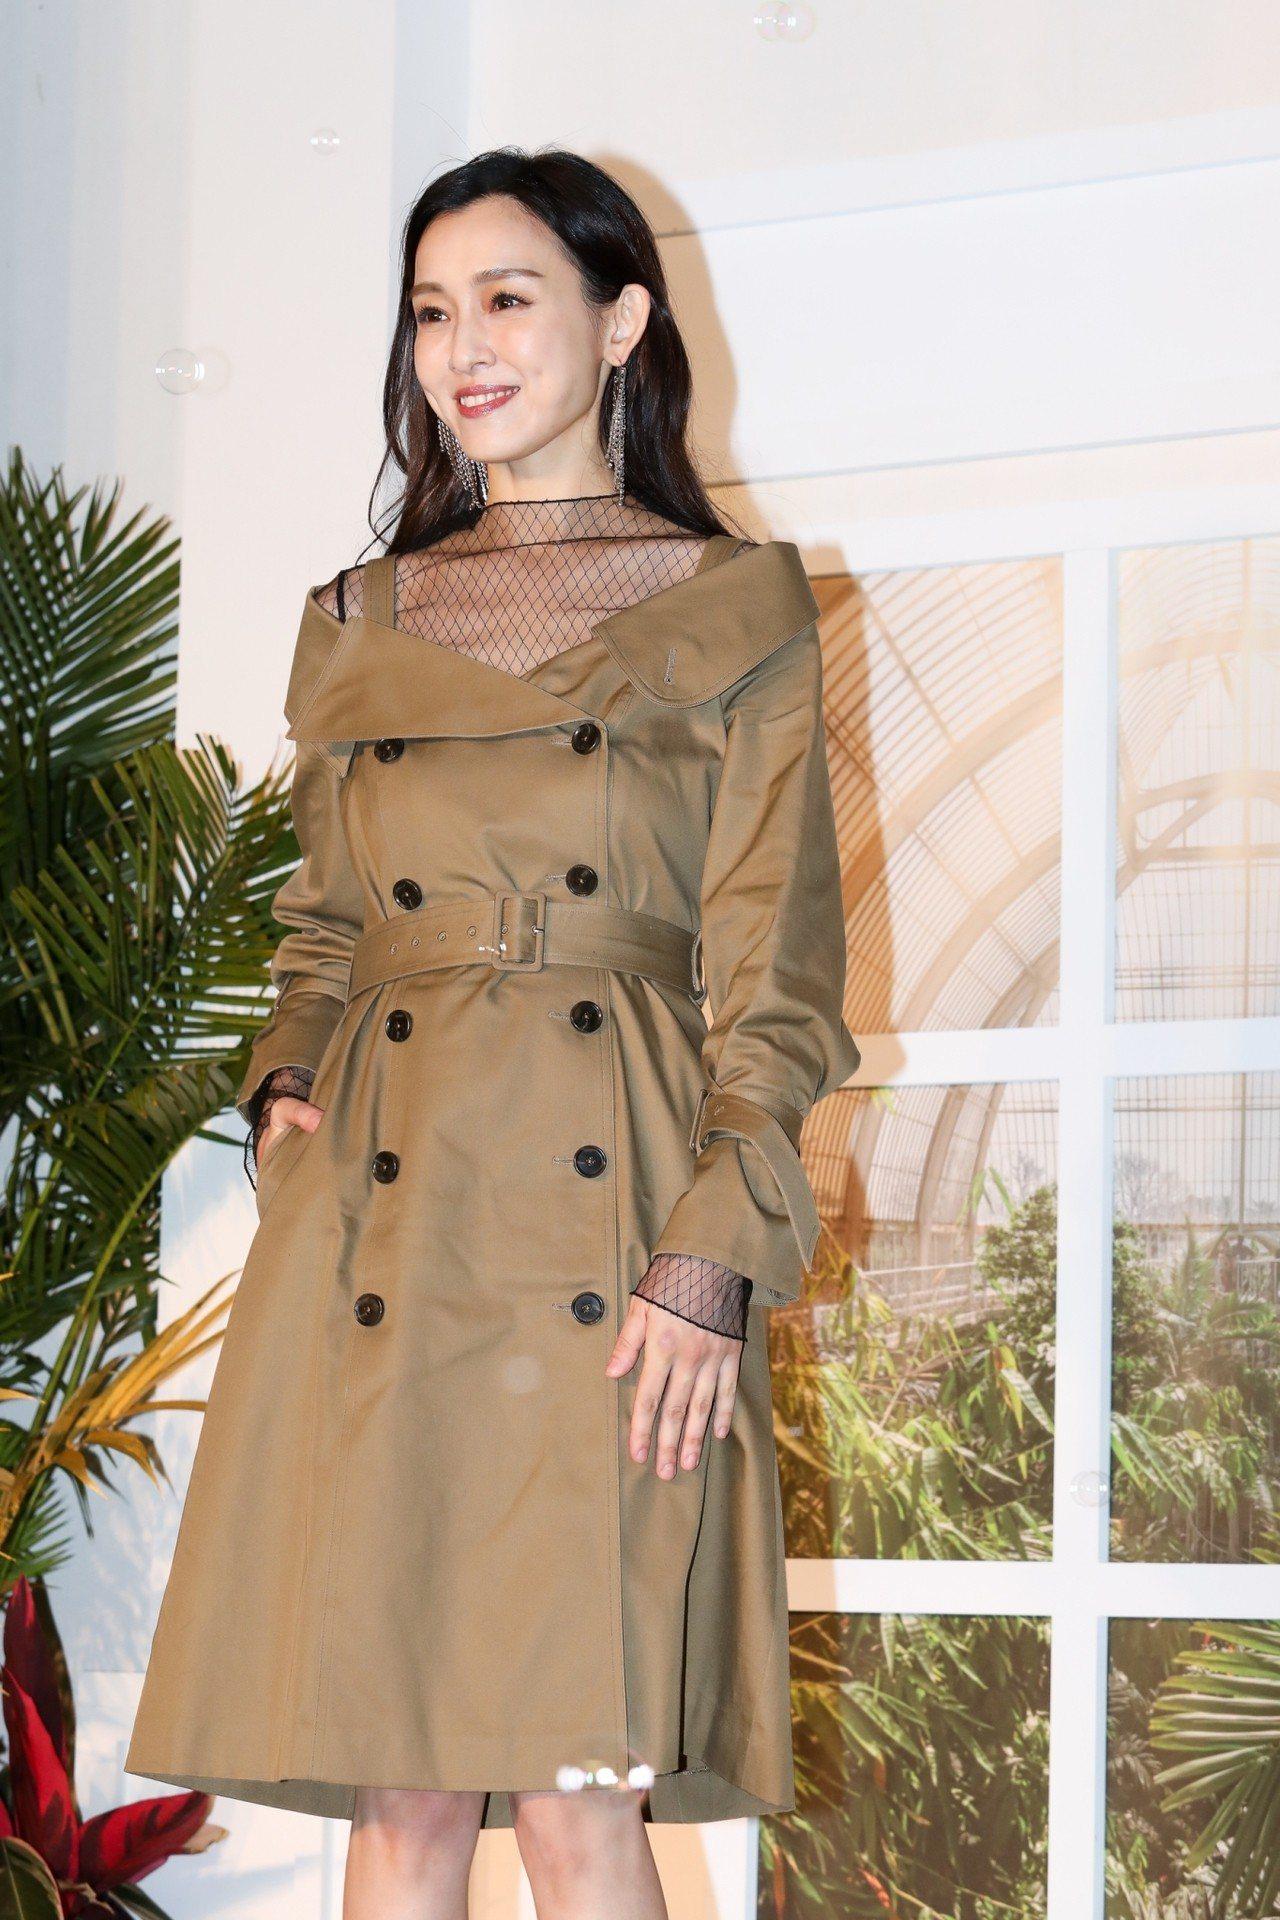 「范范」穿PORTSPURE秋冬新裝現身,小露性感。記者吳致碩/攝影